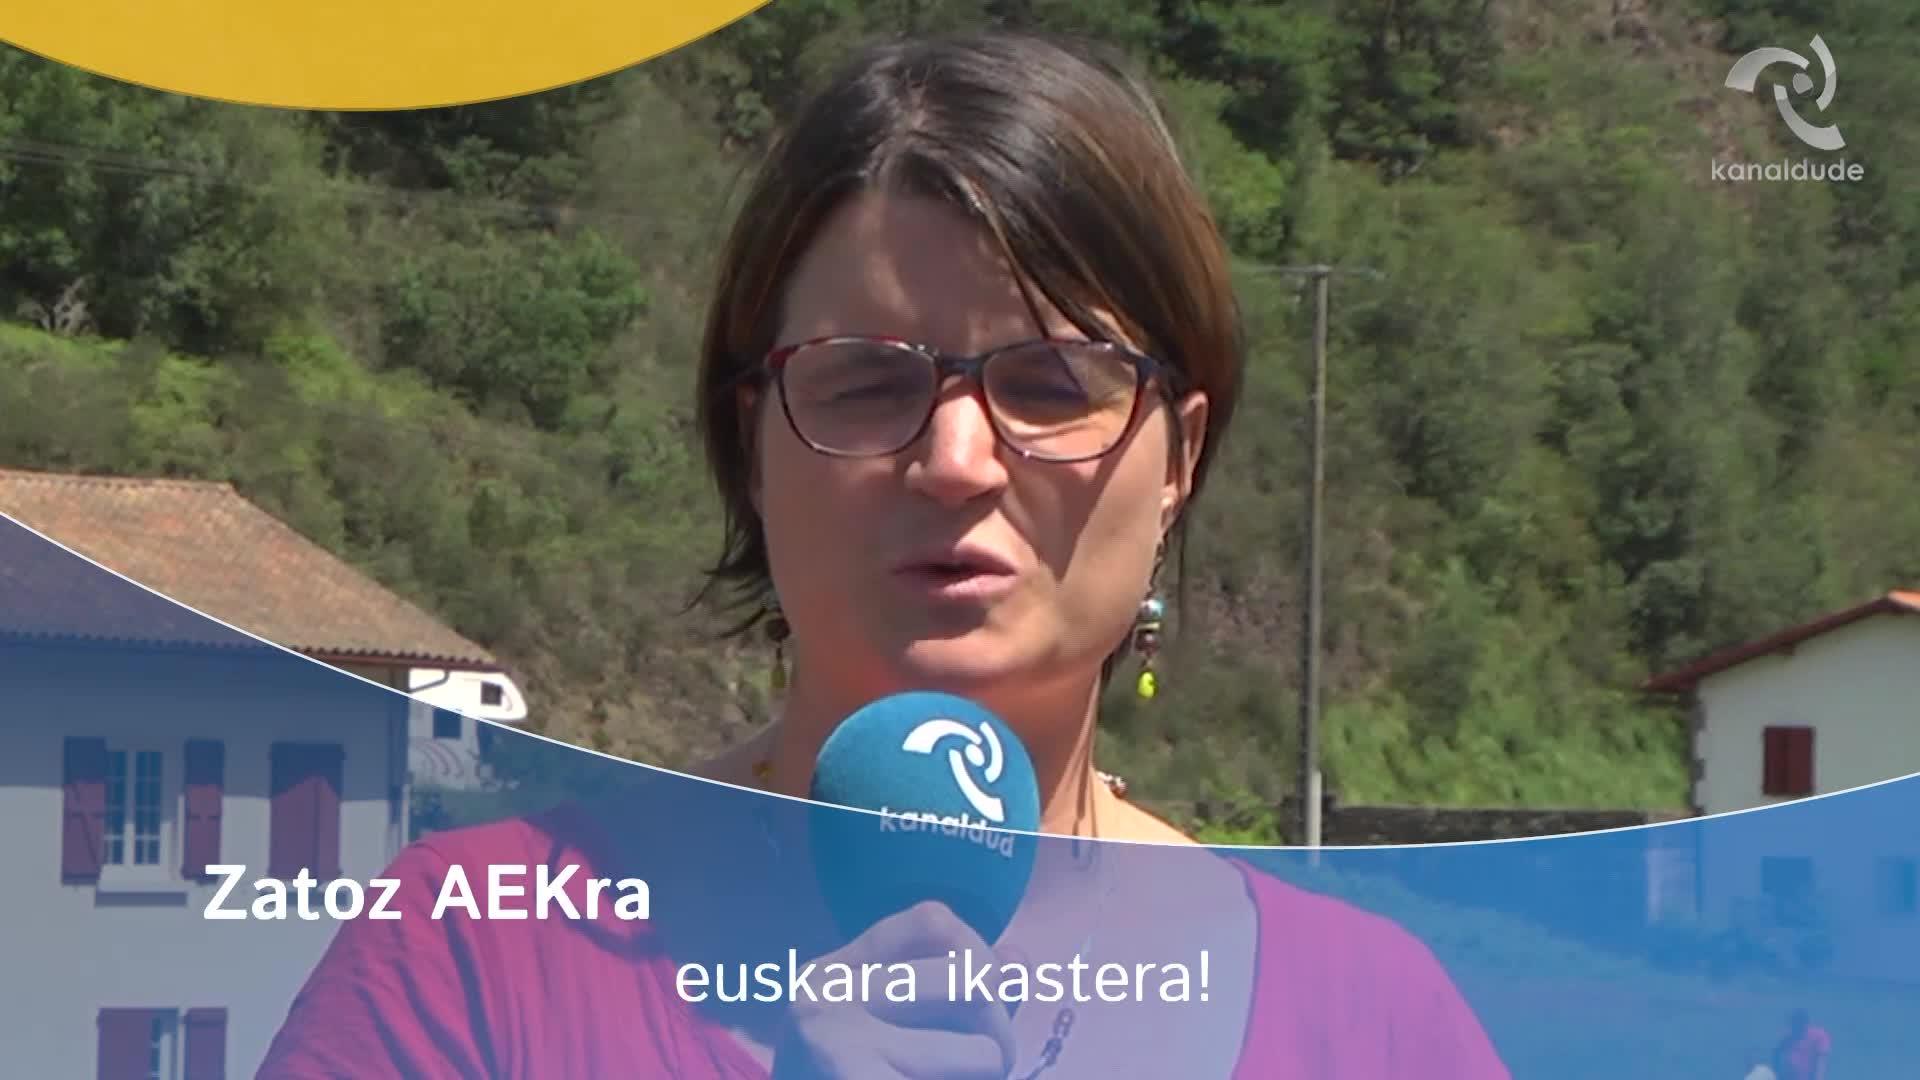 Zatoz AEKra euskara ikastera!